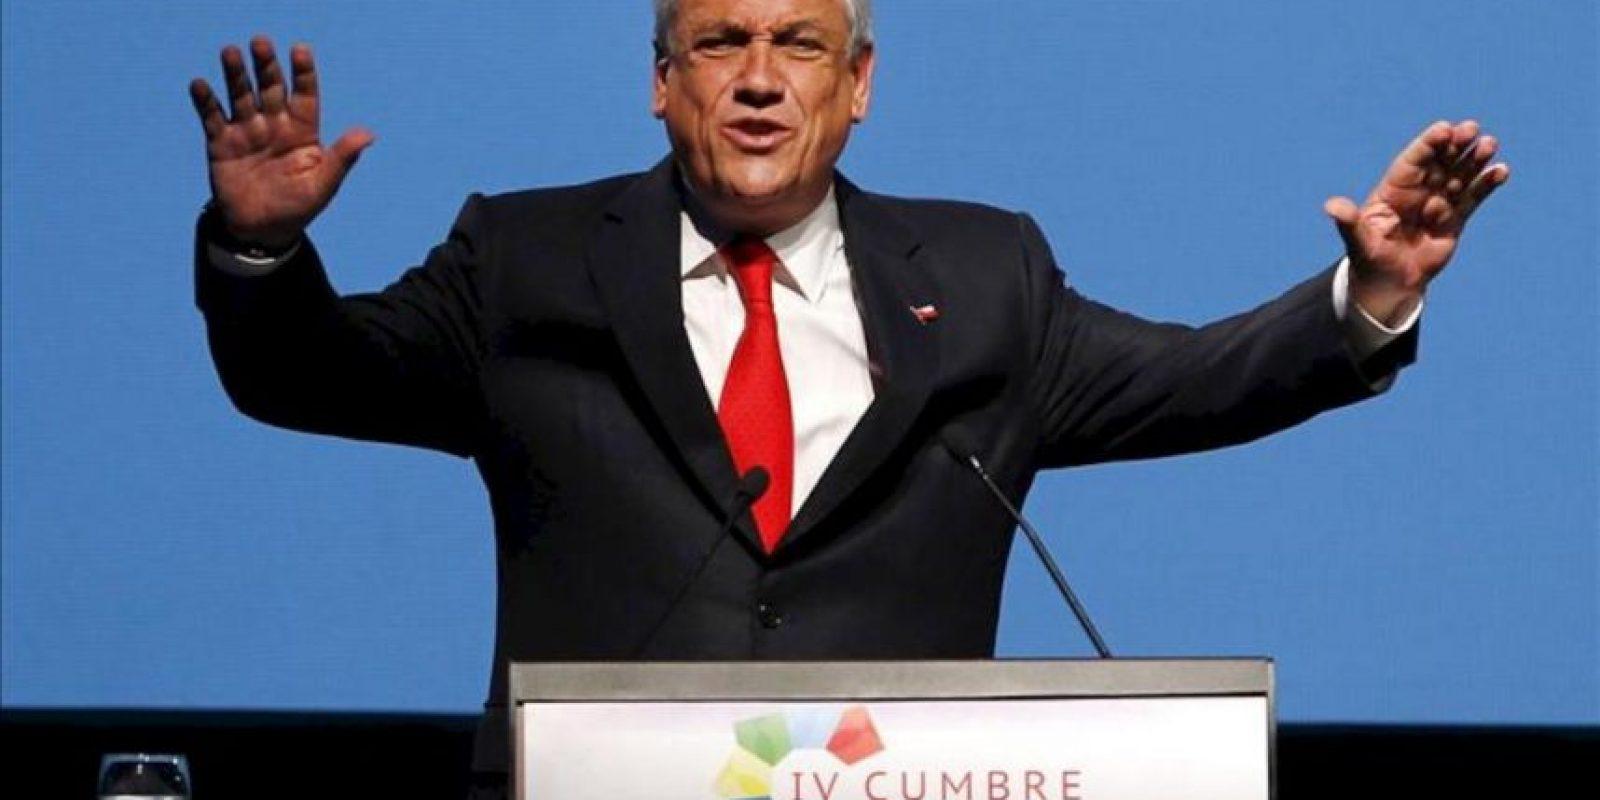 El presidente de Chile, Sebastián Piñera, interviene en la clausura de la IV Cumbre Empresarial de la Comunidad de Estados Latinoamericanos y Caribeños (CELAC) y la Unión Europea (UE), en Santiago de Chile. EFE